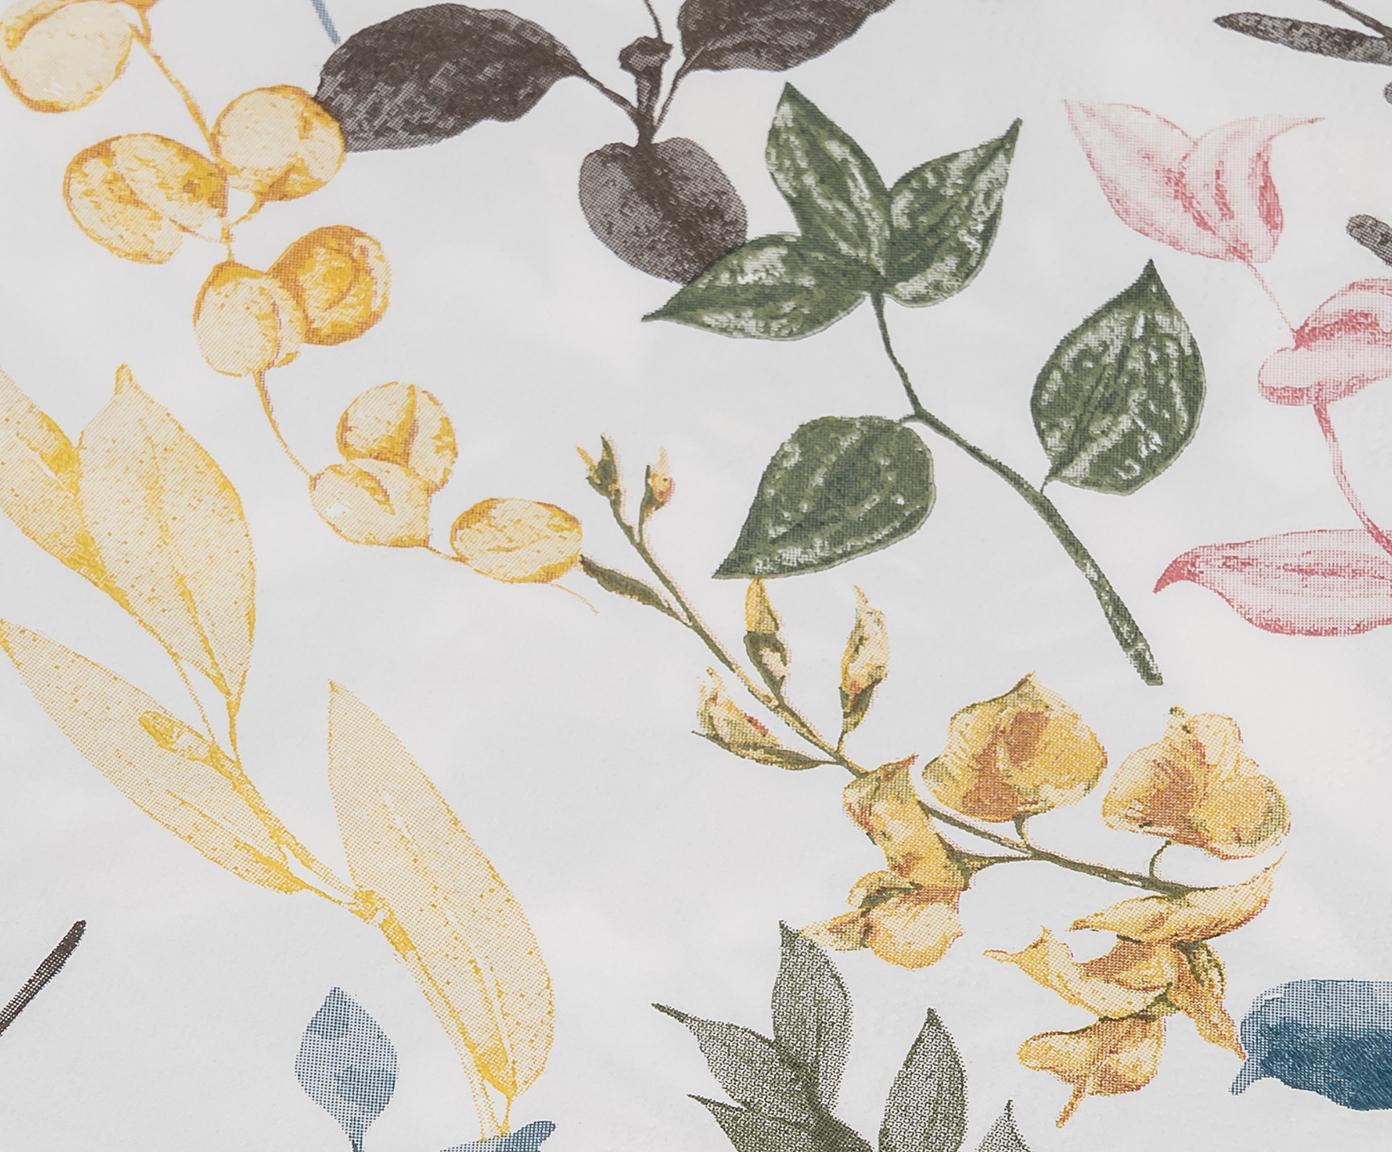 Serwetka z papieru Summerfield, 30 szt., Papier, Biały, wielobarwny, S 17 x D 17 cm